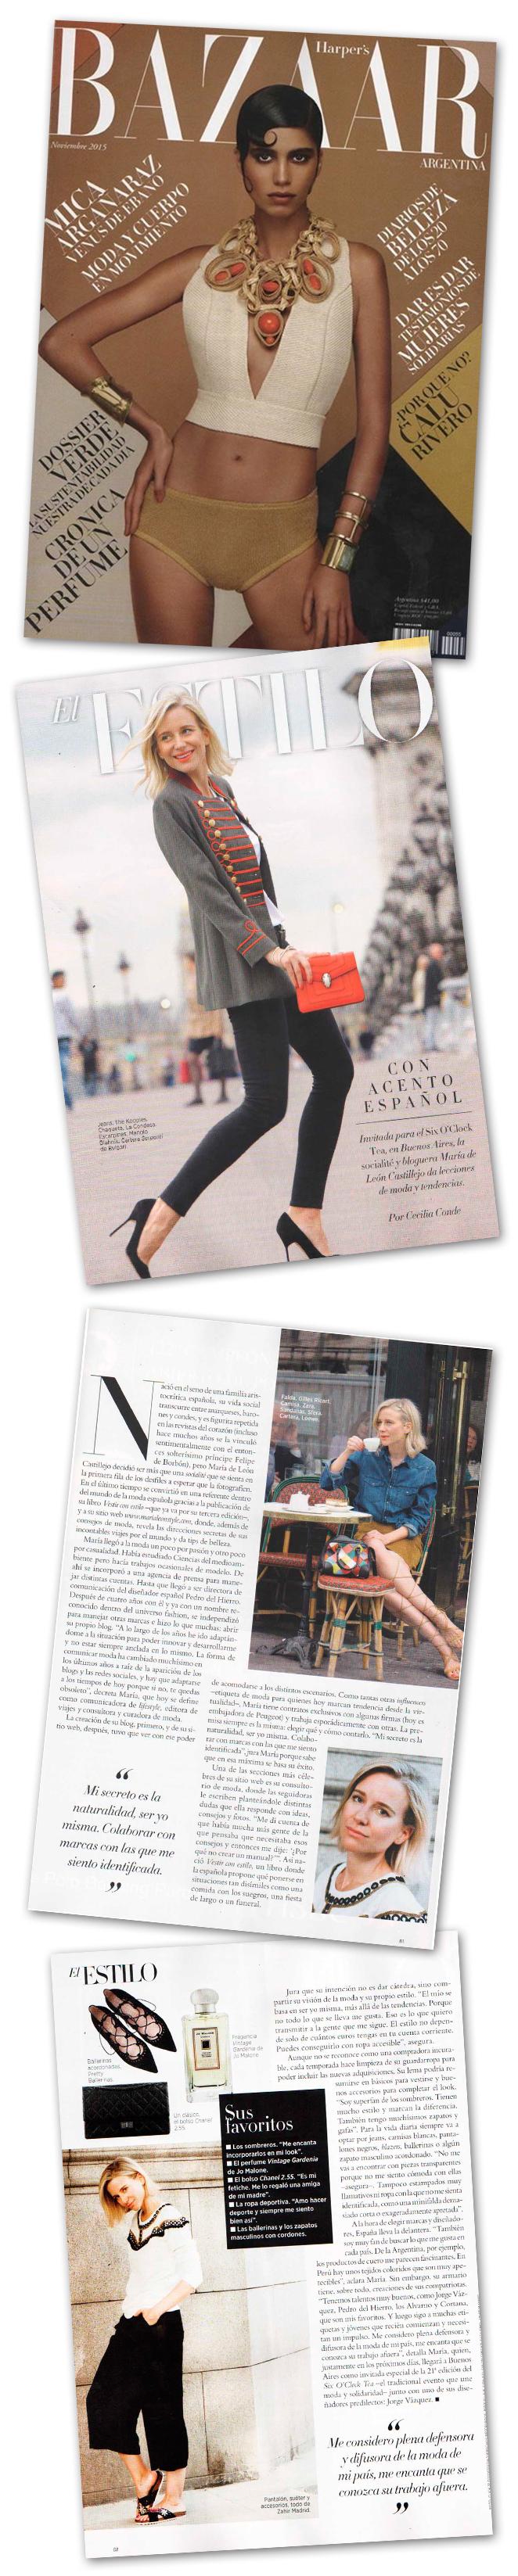 Reportaje María León - Harpers Bazaar Argentina